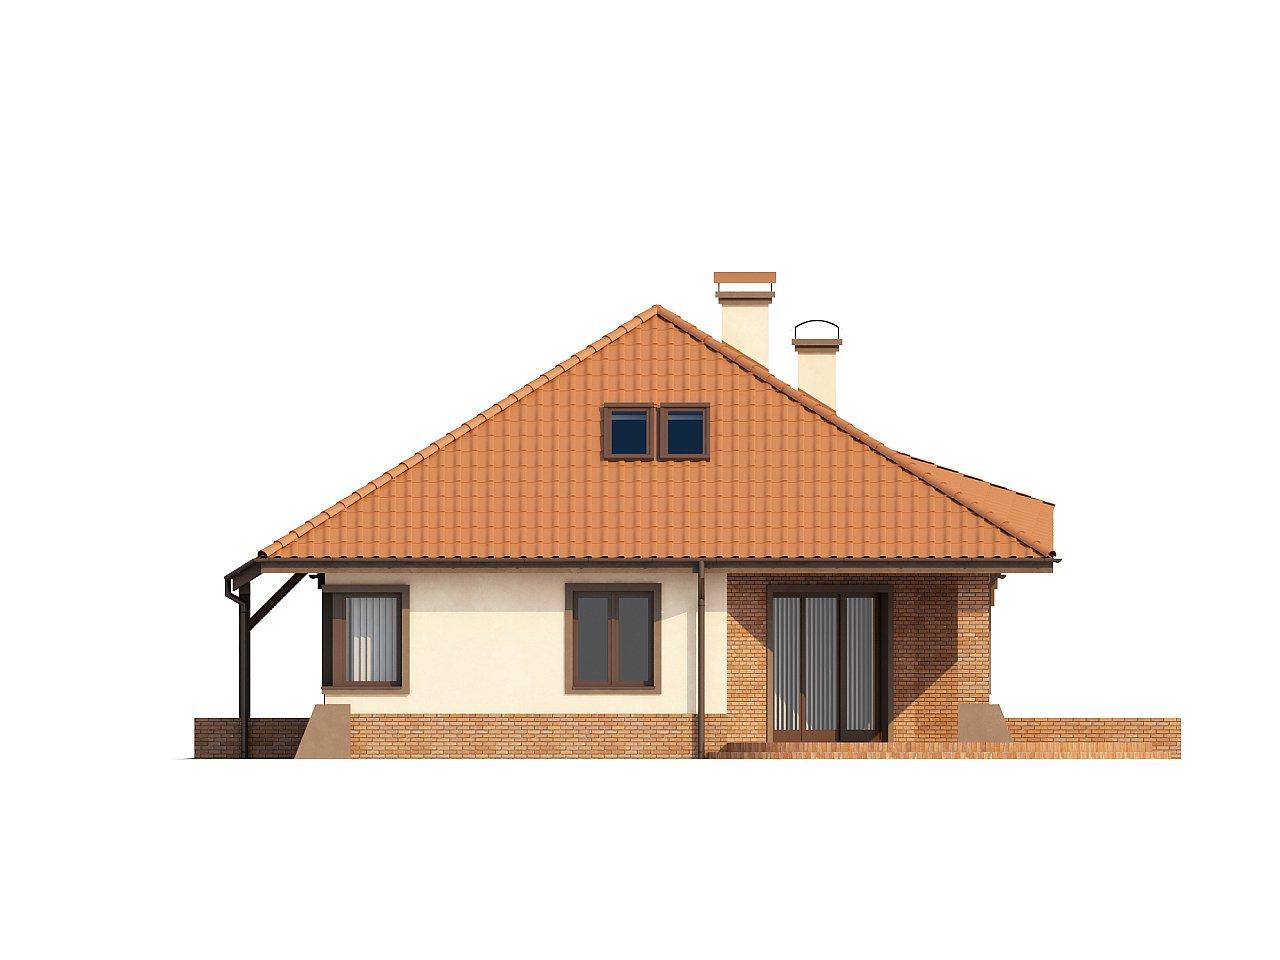 Просторный дом с гаражом, большим хозяйственным помещением и угловой террасой. - фото 6